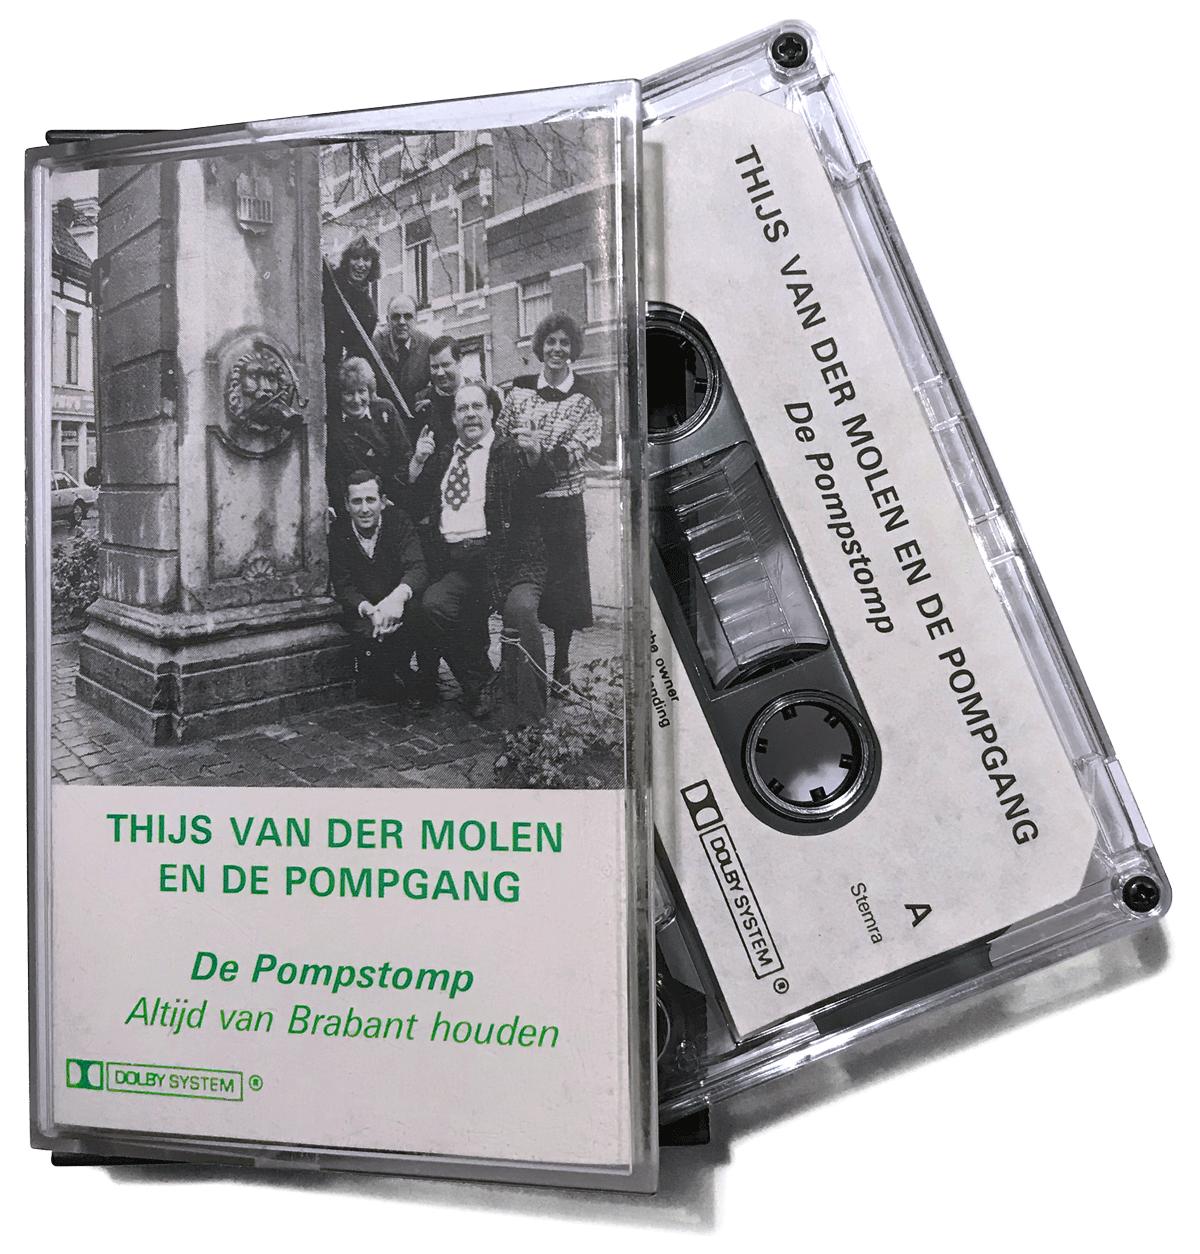 Thijs van der Molen en De Pompstomp